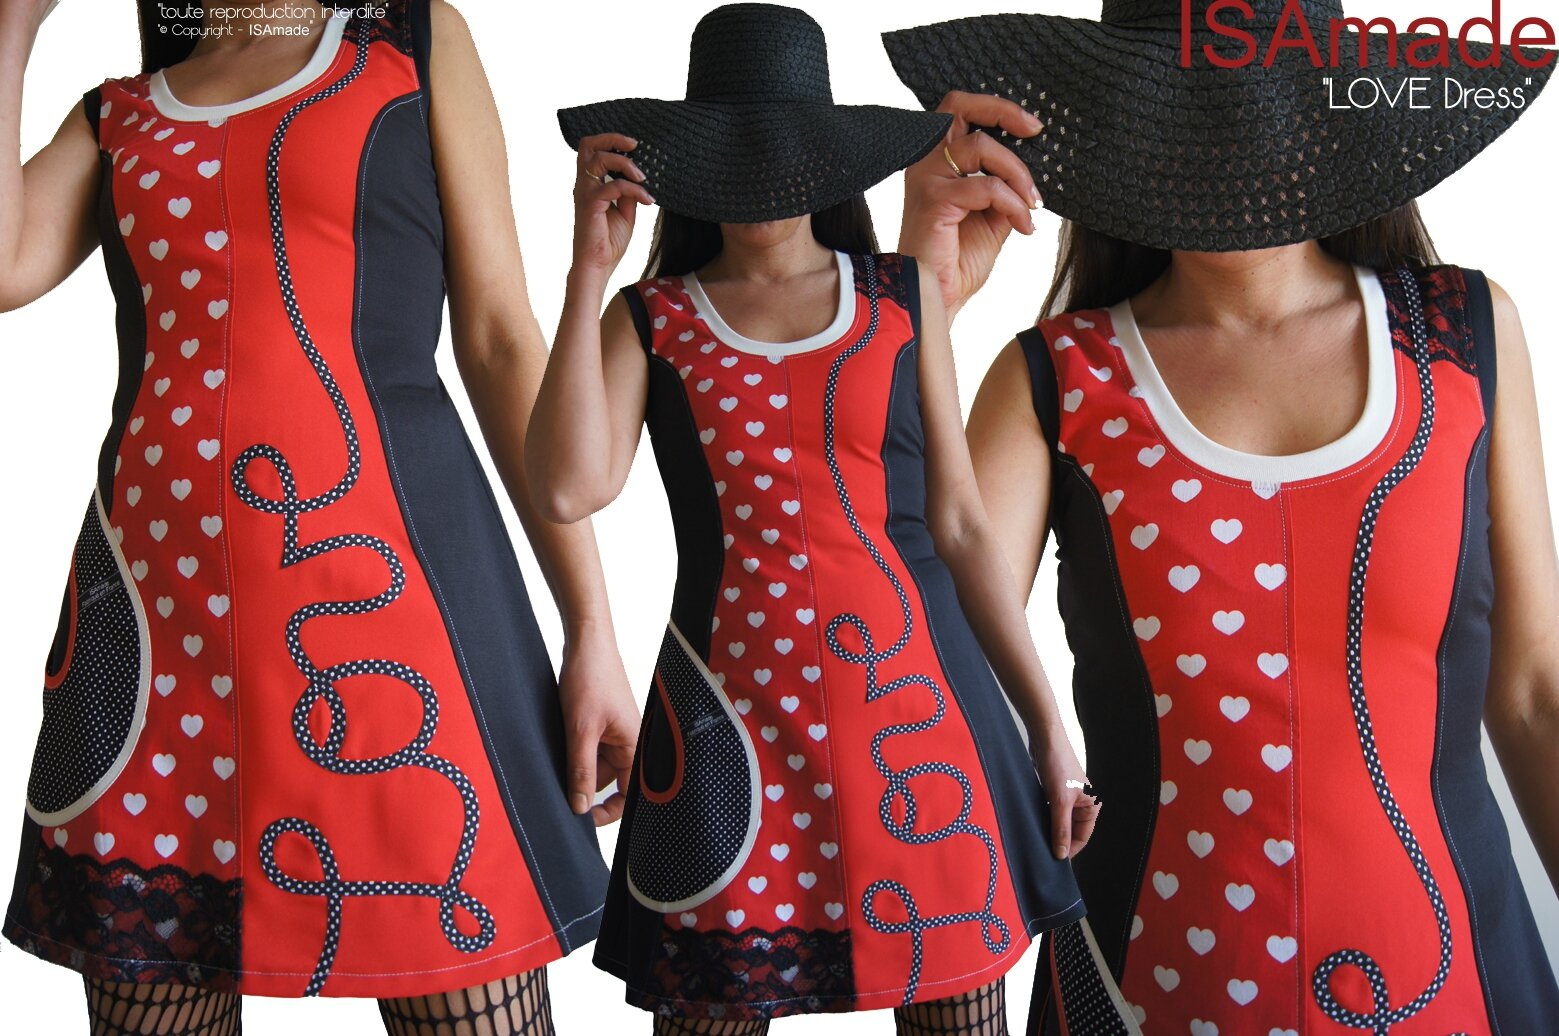 Rouge fatal pour une robe fantaisie love dress comme tenue id ale pour la saint valentin - Tenue originale femme ...